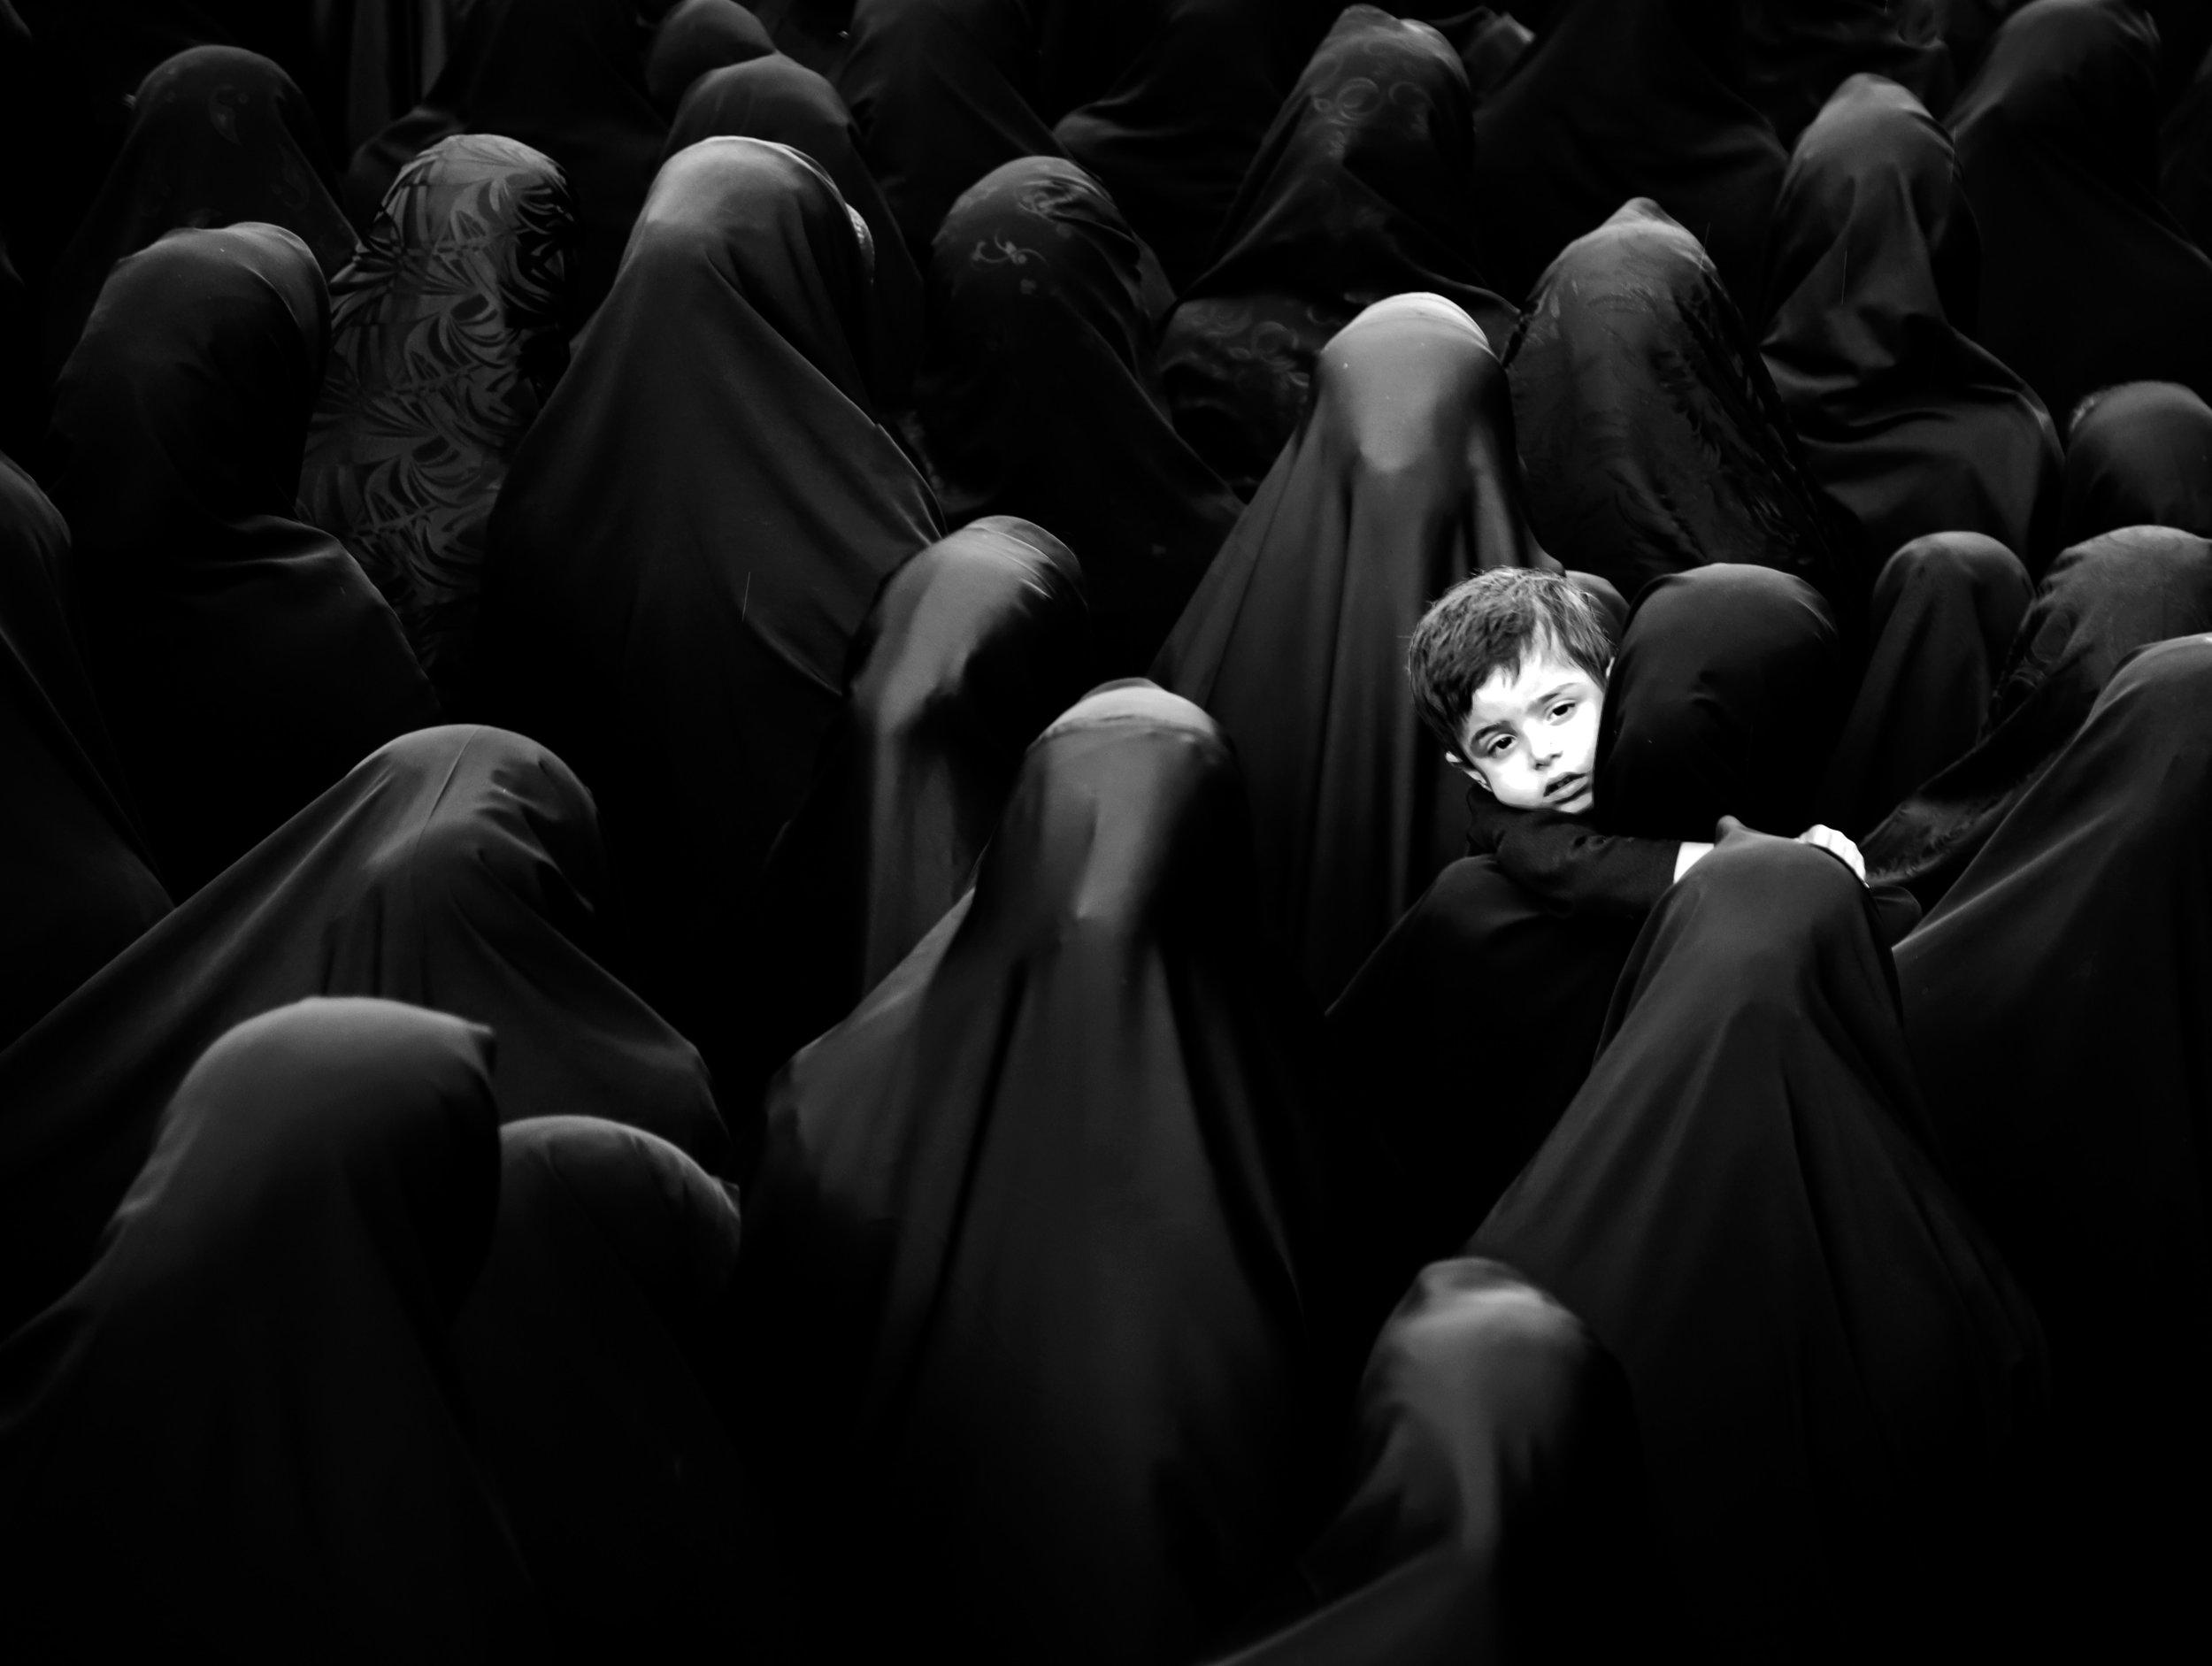 mehdi-sepehri-1162322-unsplash.jpg